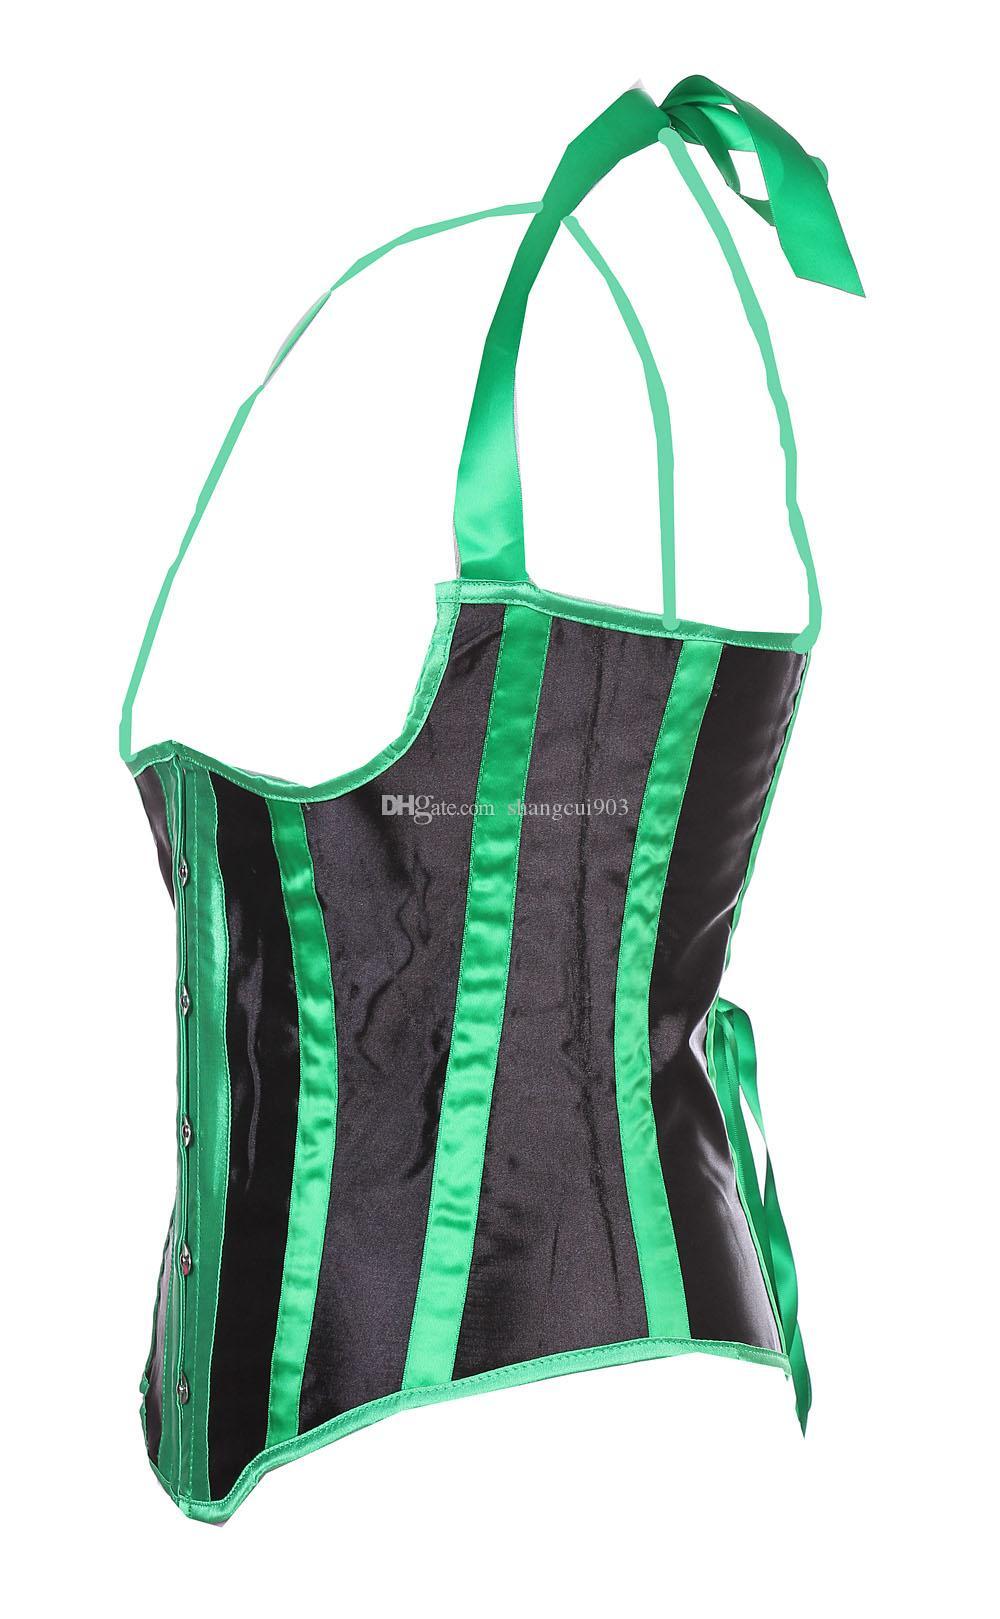 شريط أخضر صقيل أسلوب صدرية Underbust مشد الباسك Bodyshaper بوستير المخصر